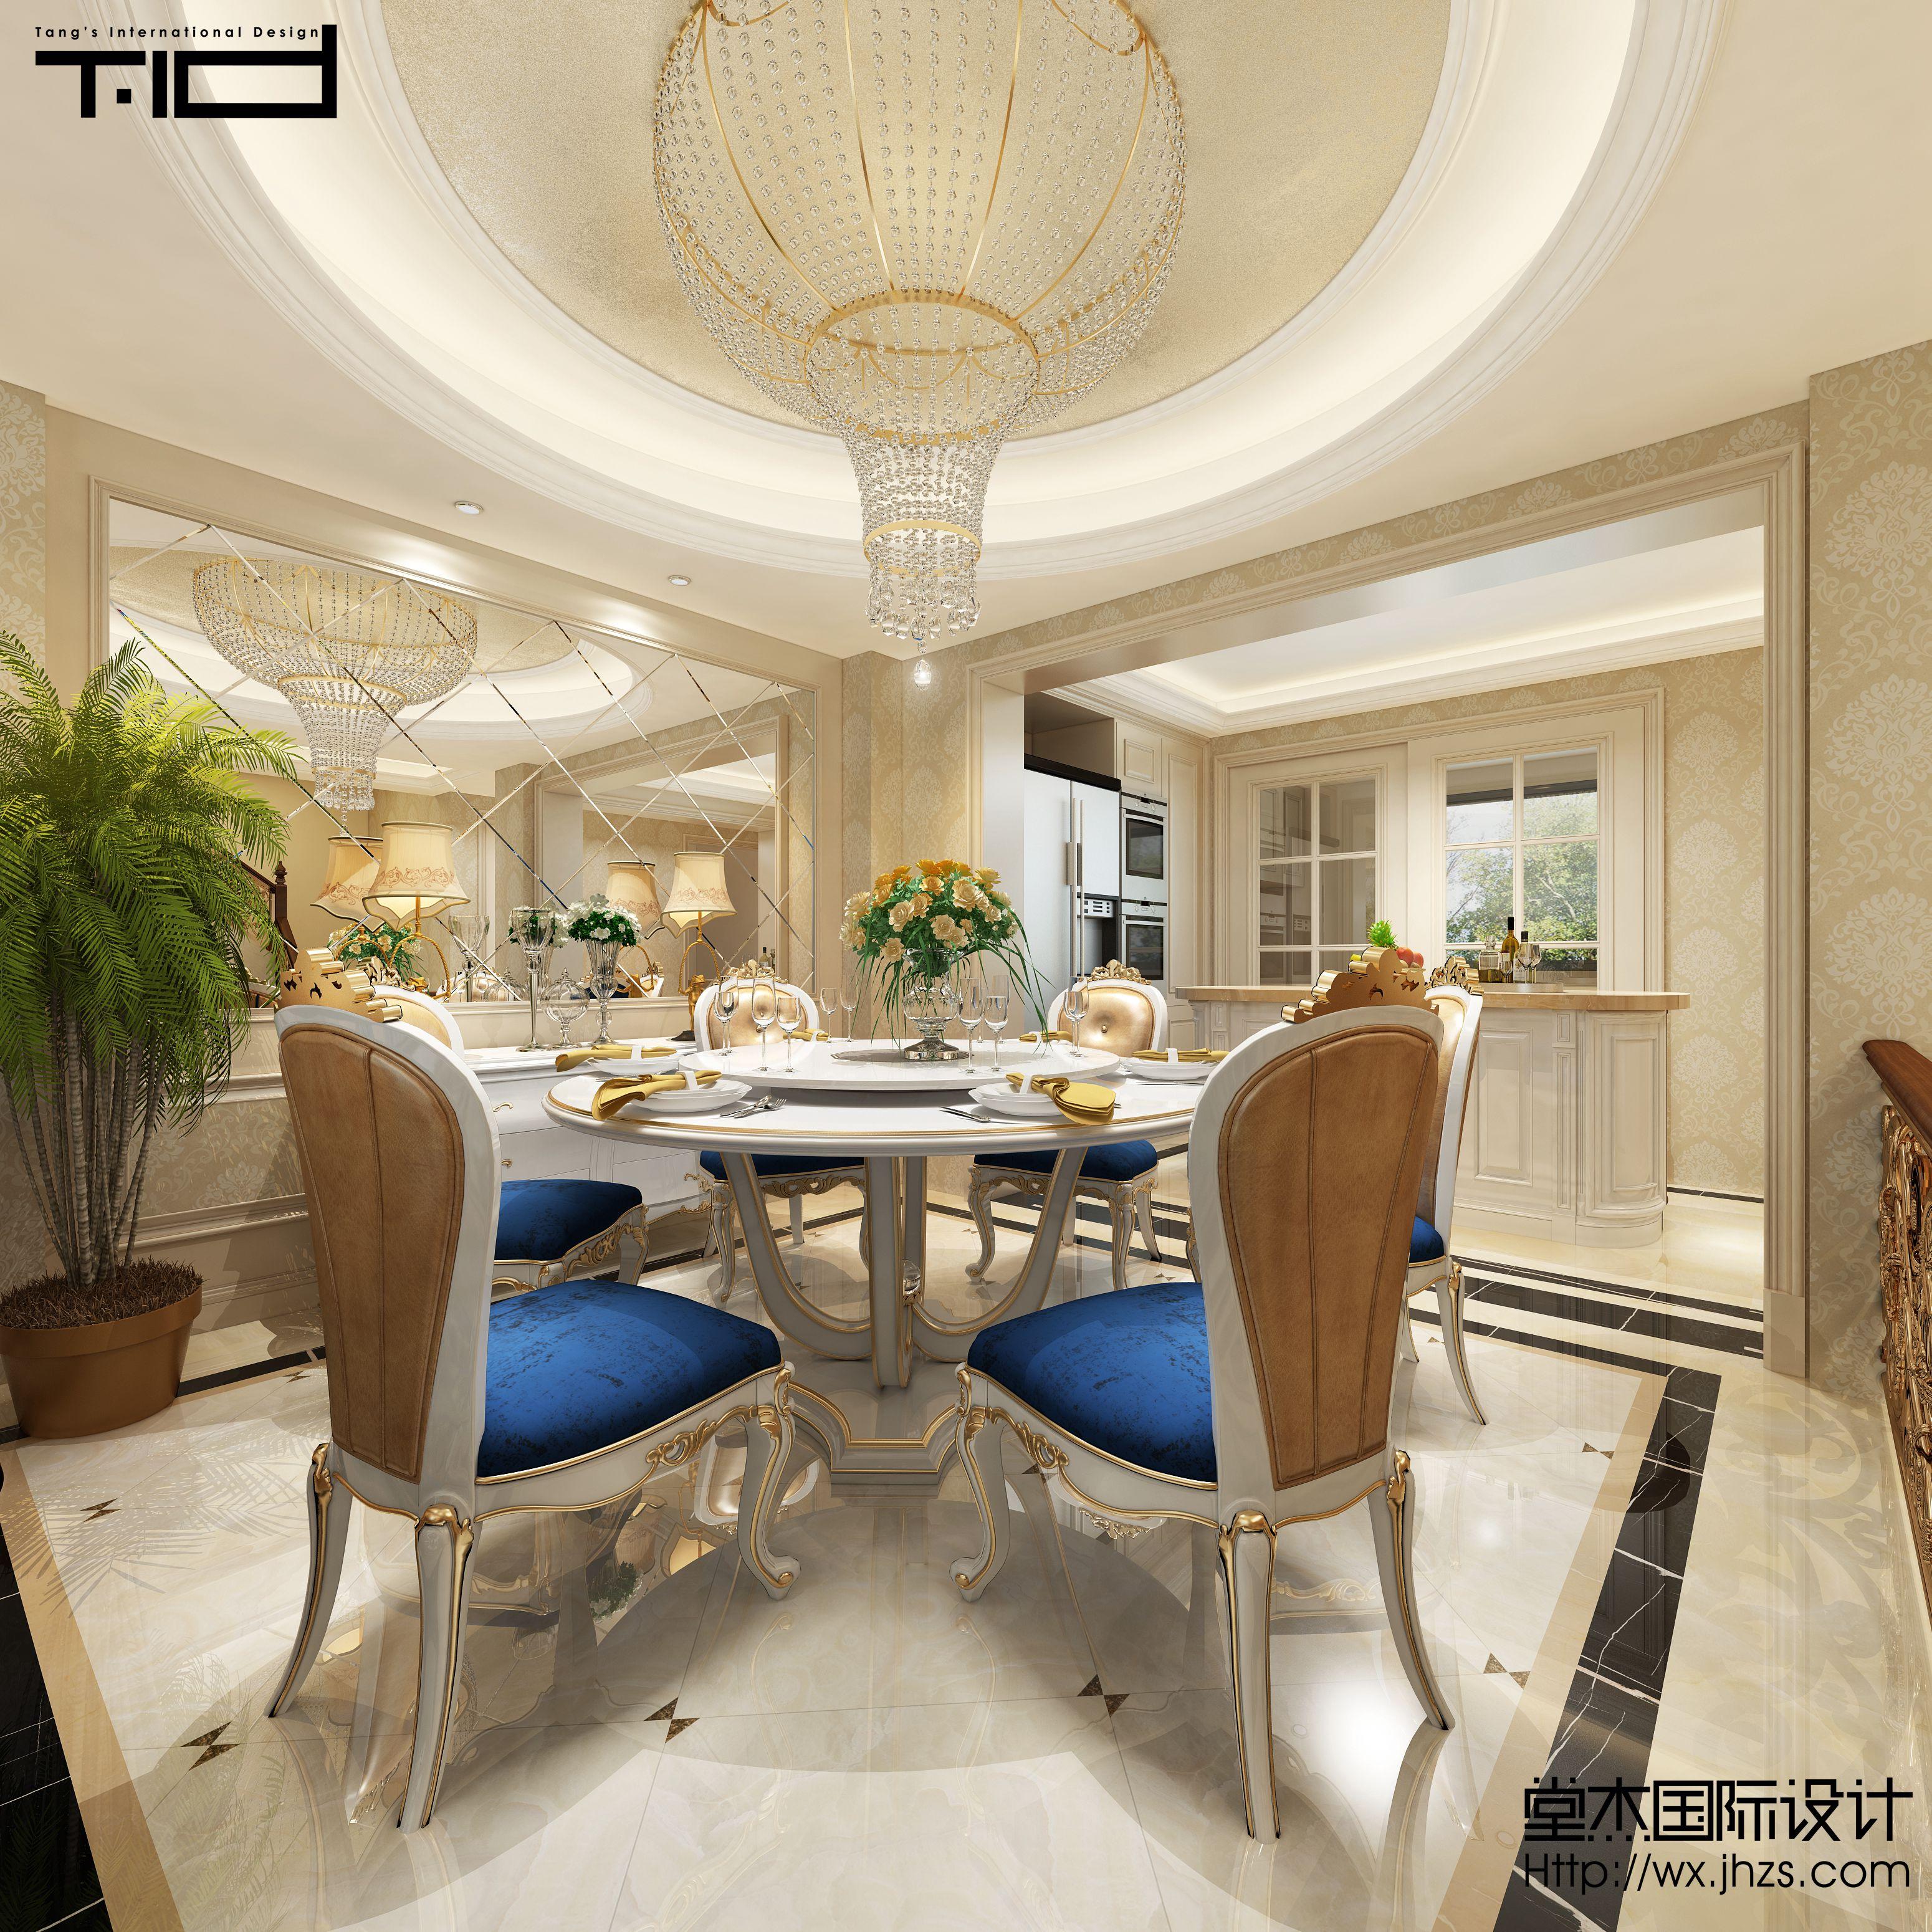 设计说明: 本案设计为新古典和简欧风格的结合,欧式的居室有的不只是豪华大气,更多的是意境和浪漫。通过完美的曲线,精益求精的细节处理,带给家人不尽的舒适触感。新古典风格是经过改良的古典风格。家具的样式雅致、精炼;做工讲究,装饰文雅,显得更加的优美浪漫。两种风格的相结合,给人一种眼前一亮的感觉。 选材方面,除了欧式惯用的米色材质外,还用了大理石、瓷砖等材料,大大提升了原质感的对比效果,在表现尊贵的同时还增添了几分质感。 餐厅吊顶采用圆形吊顶内贴金箔,即贴近天圆地方的设计理念又有着欧式风格的柔和细腻。 客厅顶面